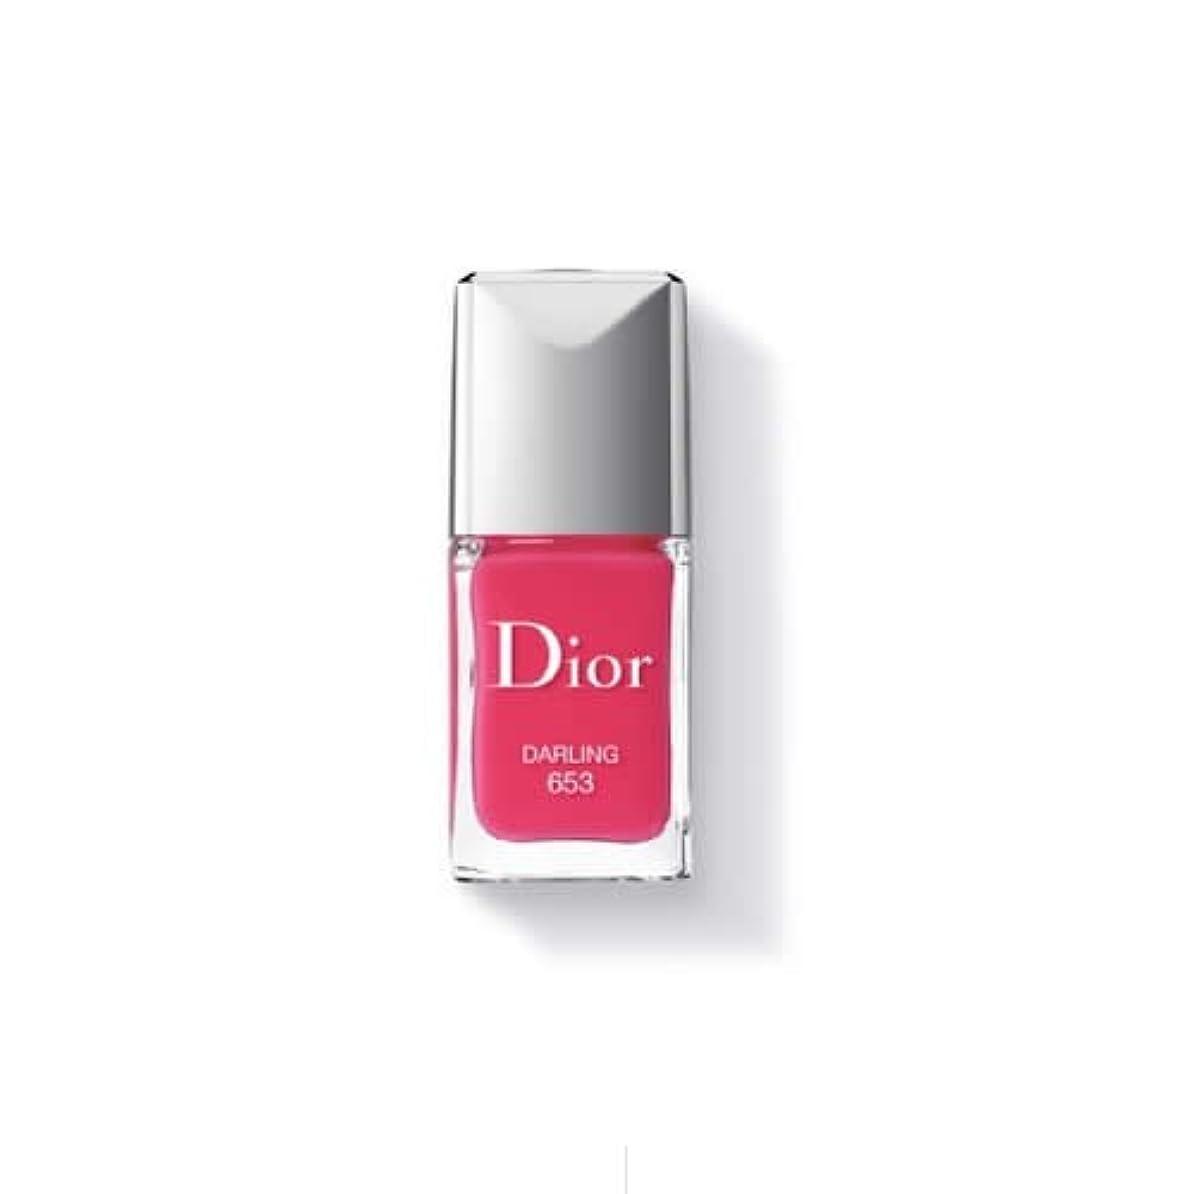 準備する挨拶するごちそうディオール ヴェルニ #653 ダーリン 10ml クリスチャン ディオール Christian Dior 訳あり